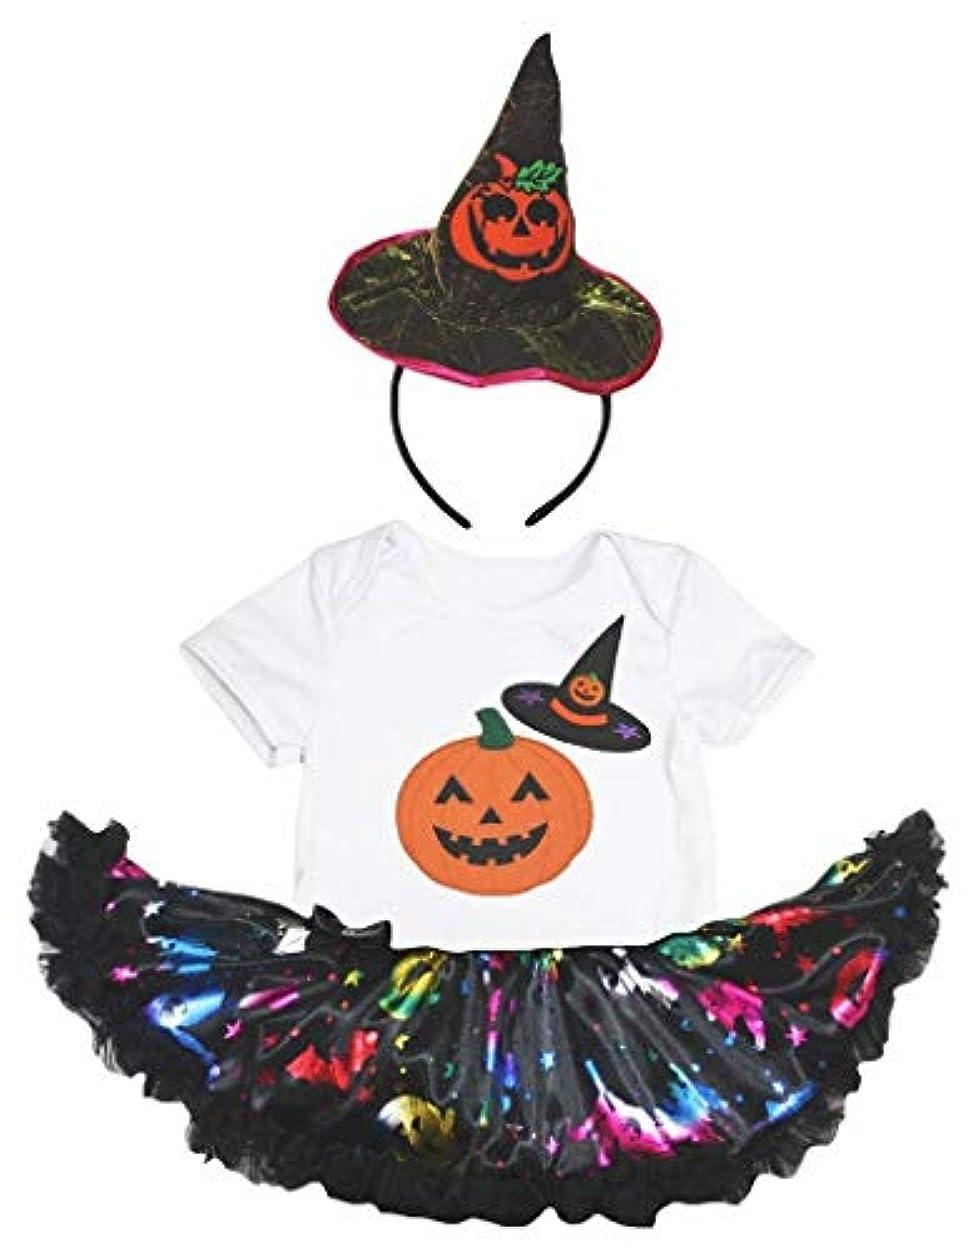 震える抜粋インド[キッズコーナー] ハロウィン My 1st Halloween ホワイト パンプキン 子供コスチューム、子供のチュチュ、ベビー服、女の子のワンピースドレス Nb-18m (ホワイト, Medium) [並行輸入品]